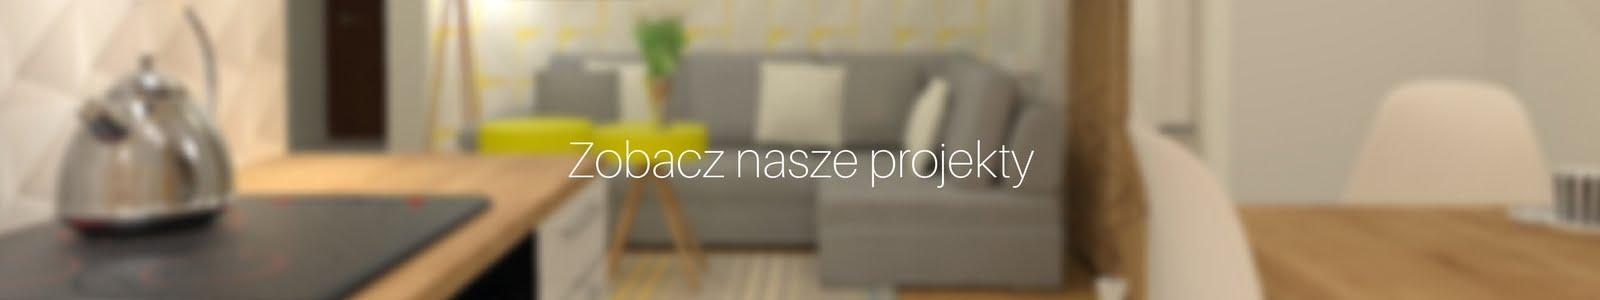 Zobacz nasze projekty